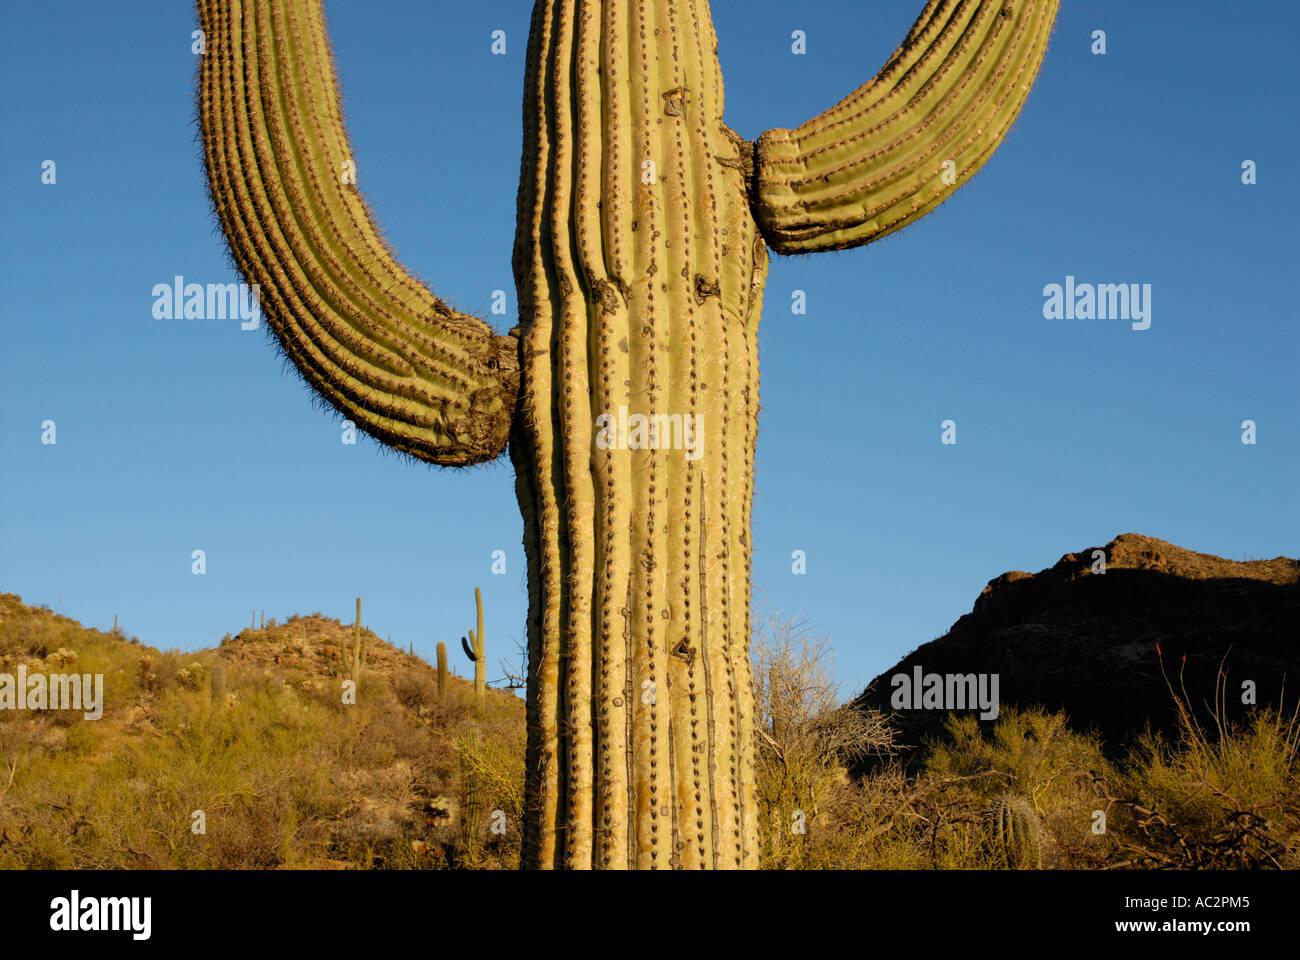 Saguaro Cactus, Carnegiea gigantea, with two arms, mountainous desert background, Sonoran Desert, southwestern USA - Stock Image